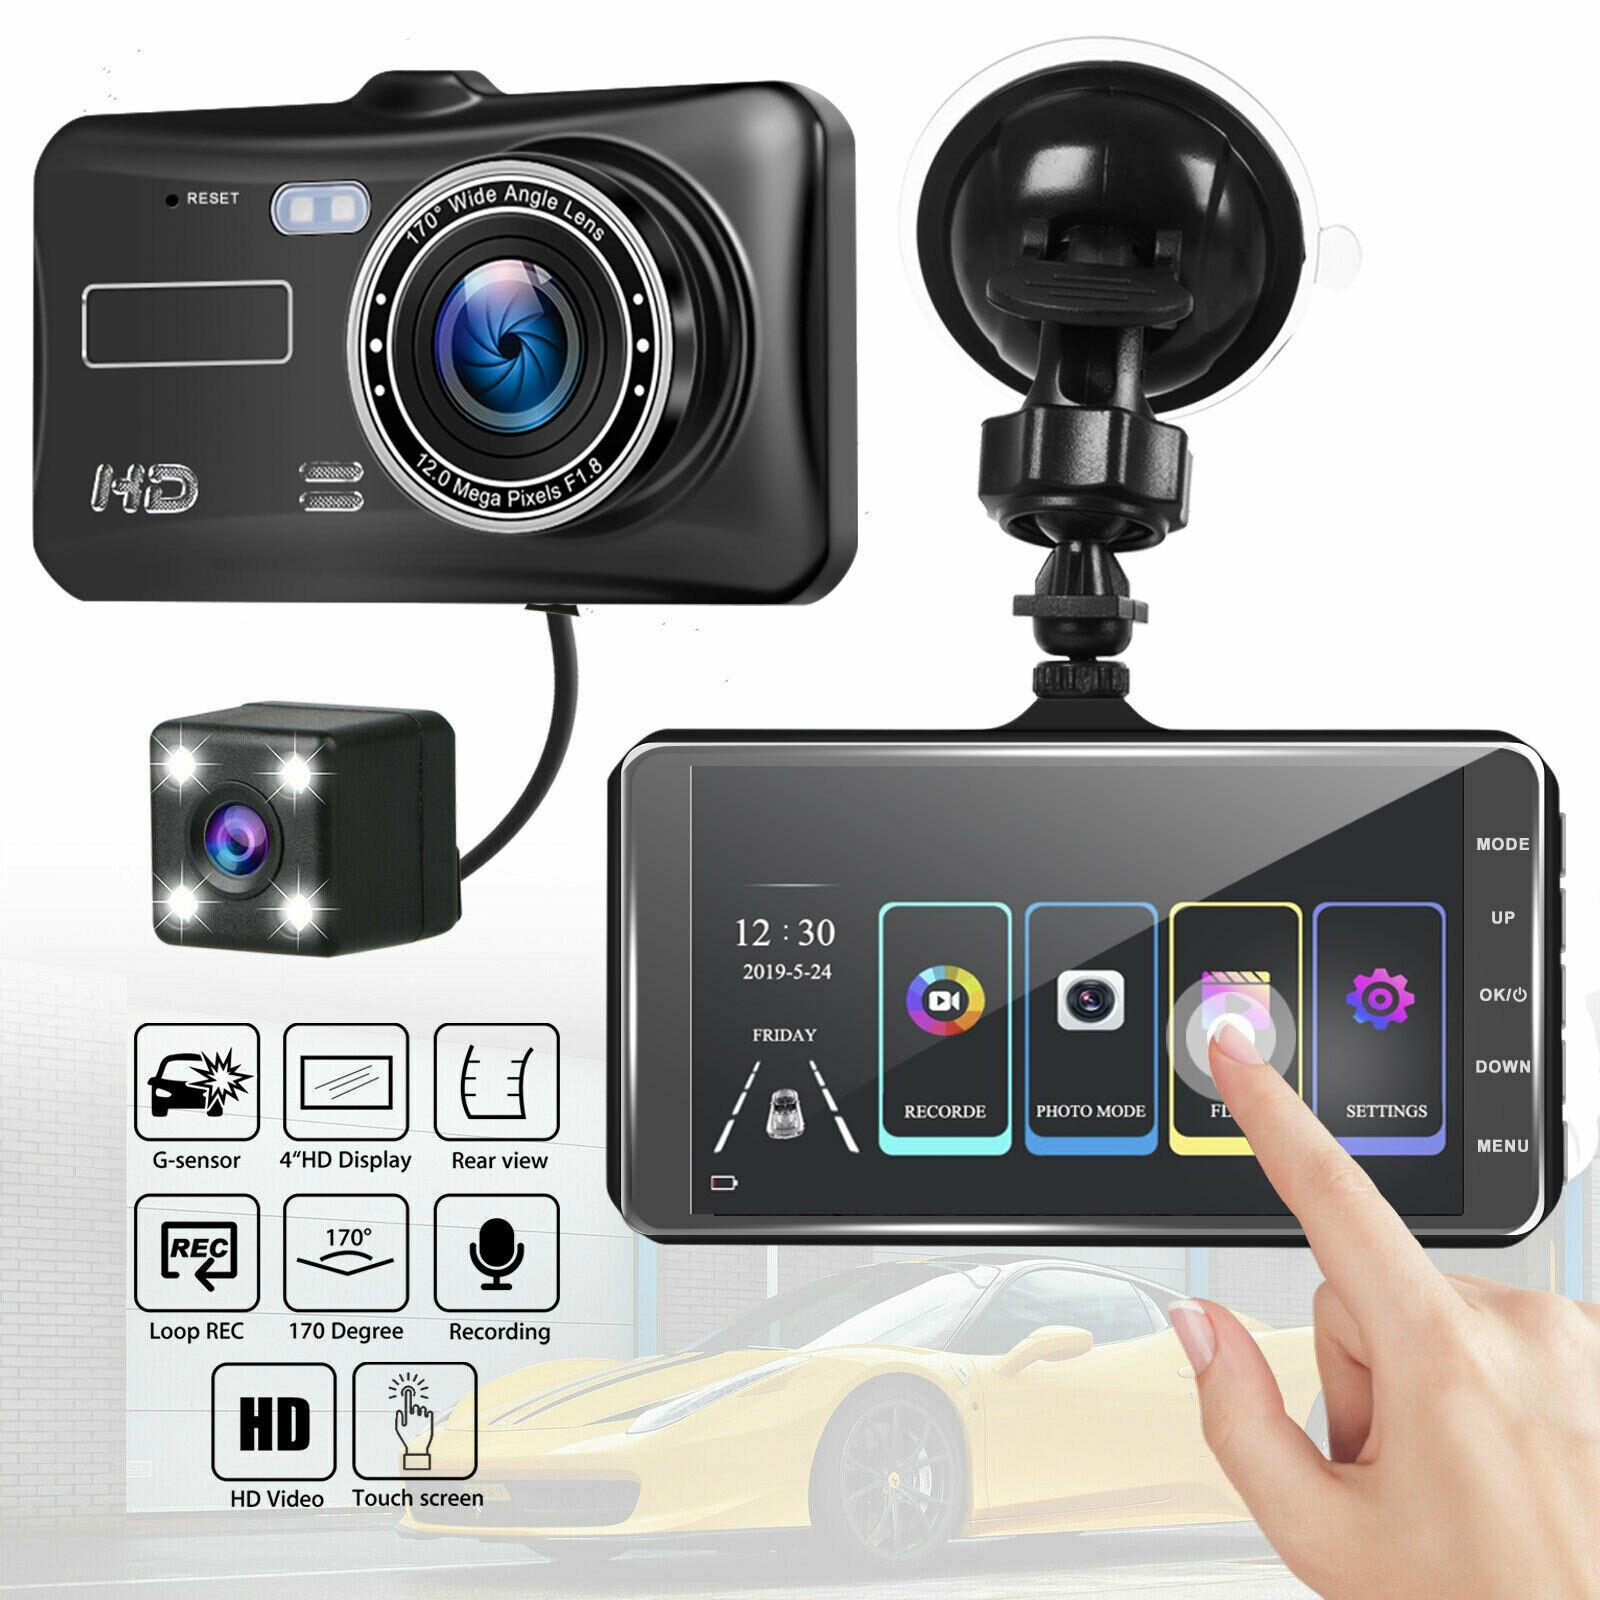 4 ''Автомобильный видеорегистратор, камера с двойным объективом HD 1080P, Автомобильный цифровой видеорегистратор, видеорегистратор с сенсорны...